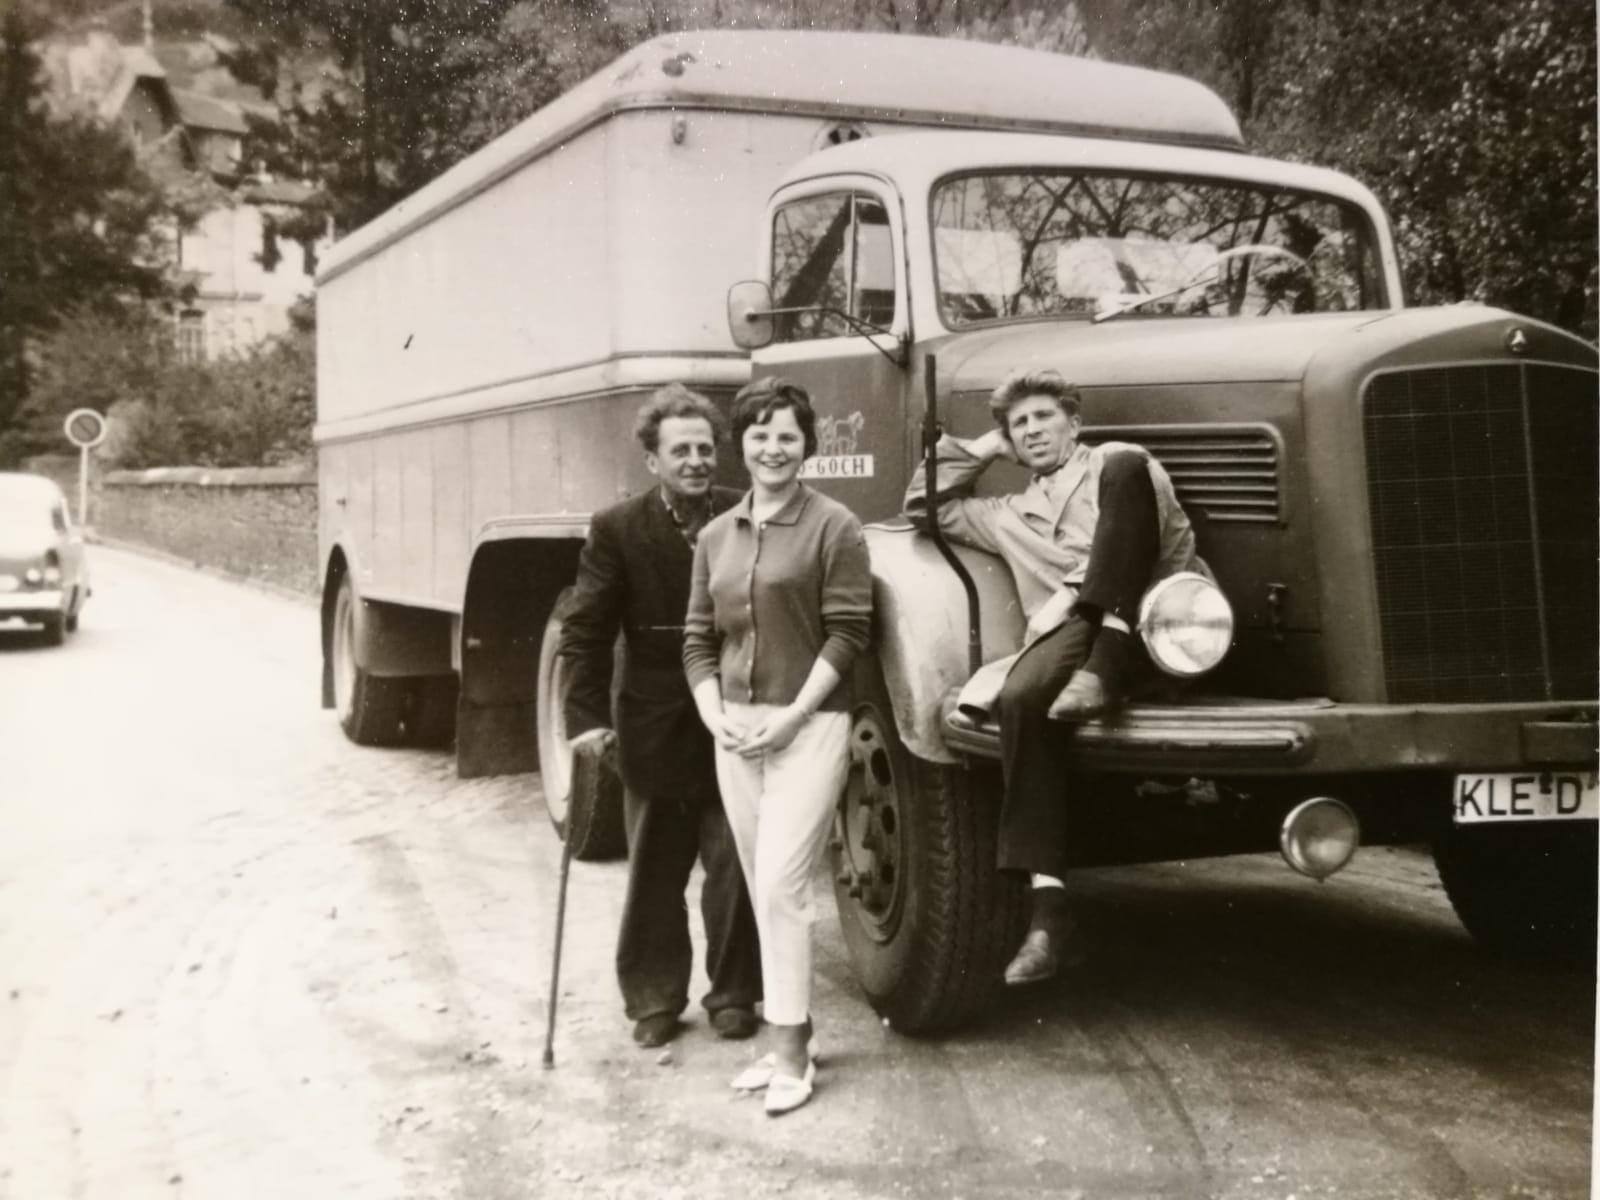 Rwj-Wintjens-foto-deze-van-foto-1950-tot-1990-(13)